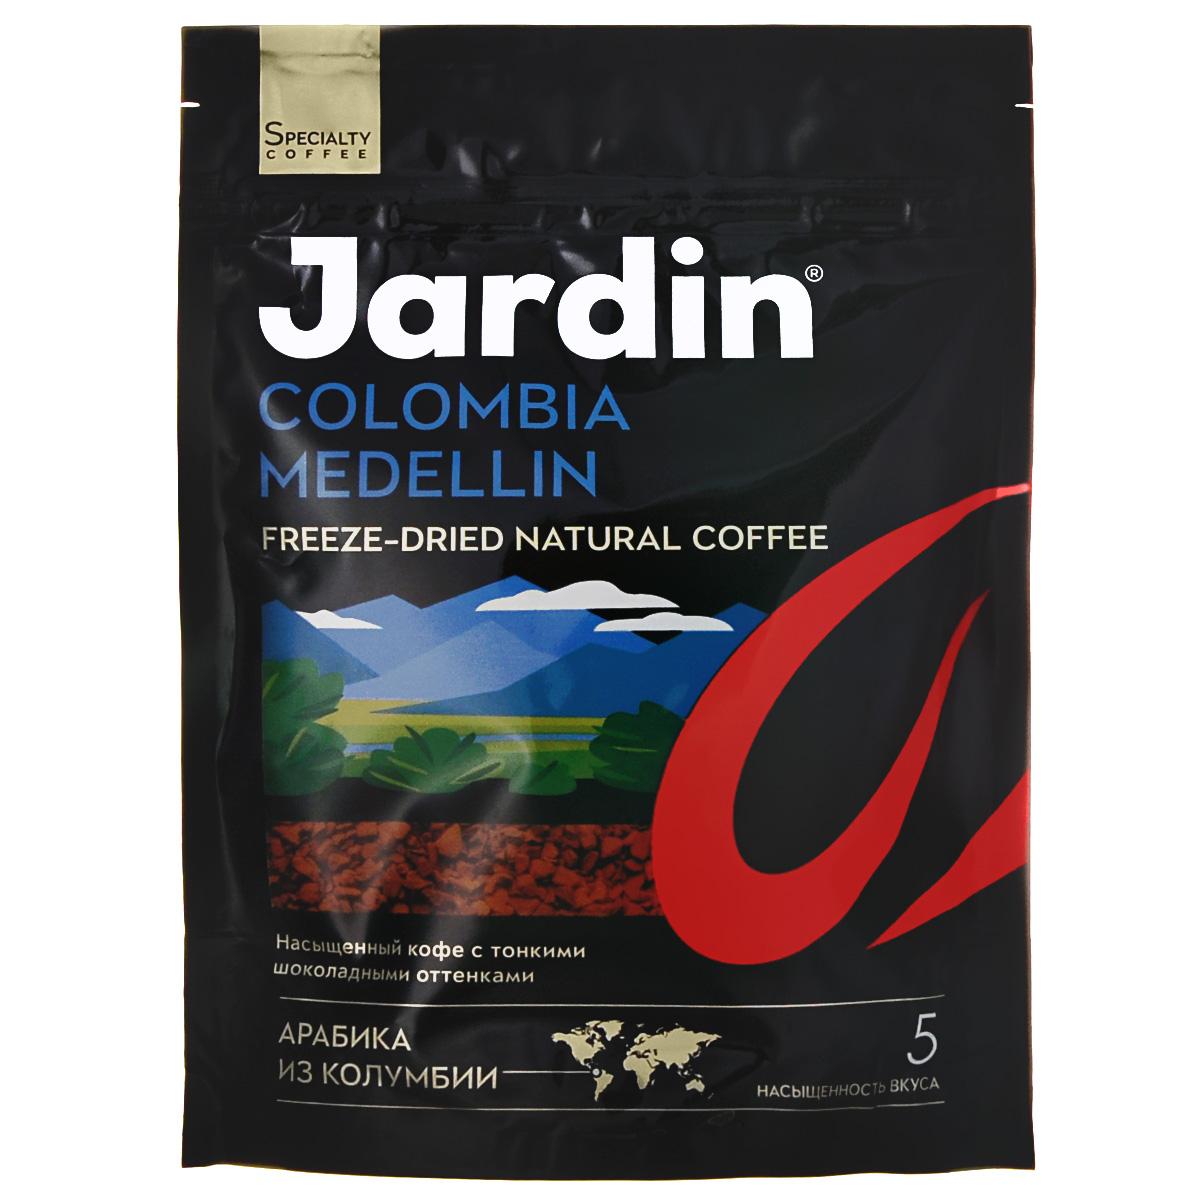 Jardin Colombia Medellin кофе растворимый, 75 г (м/у)101246Растворимый кофе Jardin Colombia Medellin обладает крепким, насыщенным, интенсивным ароматом. Вкус арабики из колумбийского региона Меделлин особо ценится за сочетание цветочных и шоколадных нот.А всего одна ложка сахара добавит вкусу новые карамельные ноты крем-брюле.